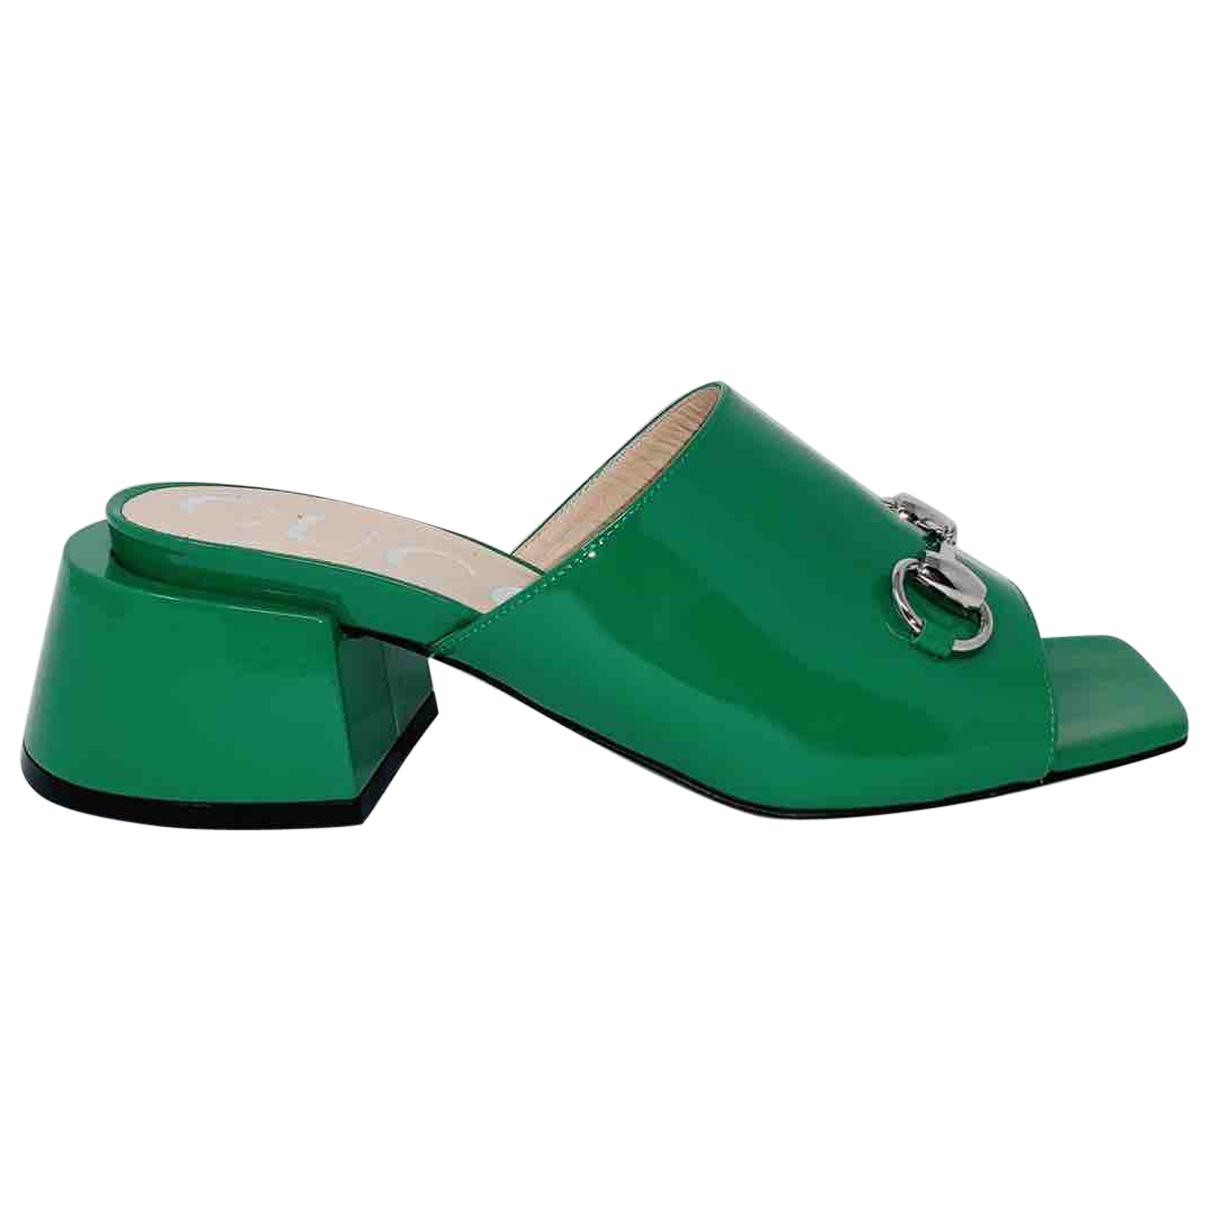 Gucci - Sandales   pour femme en cuir verni - vert